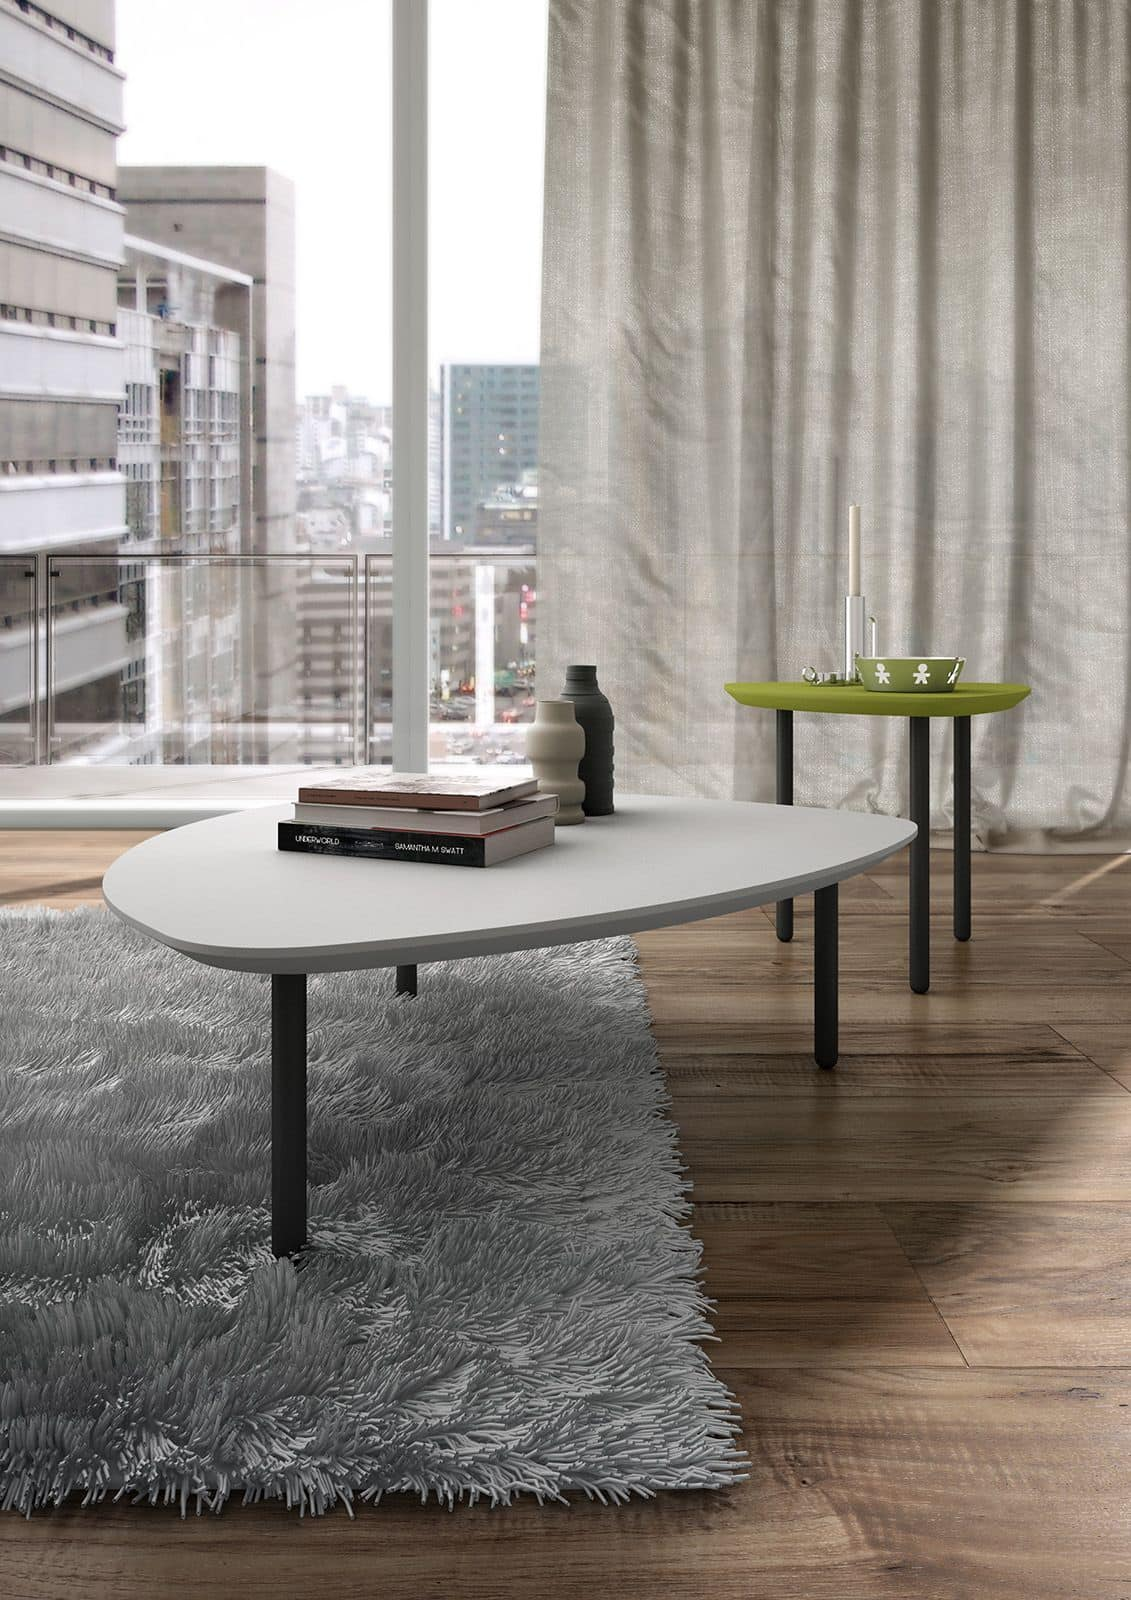 Eos, Tavolino dalla forma triangolare con angoli arrotondati